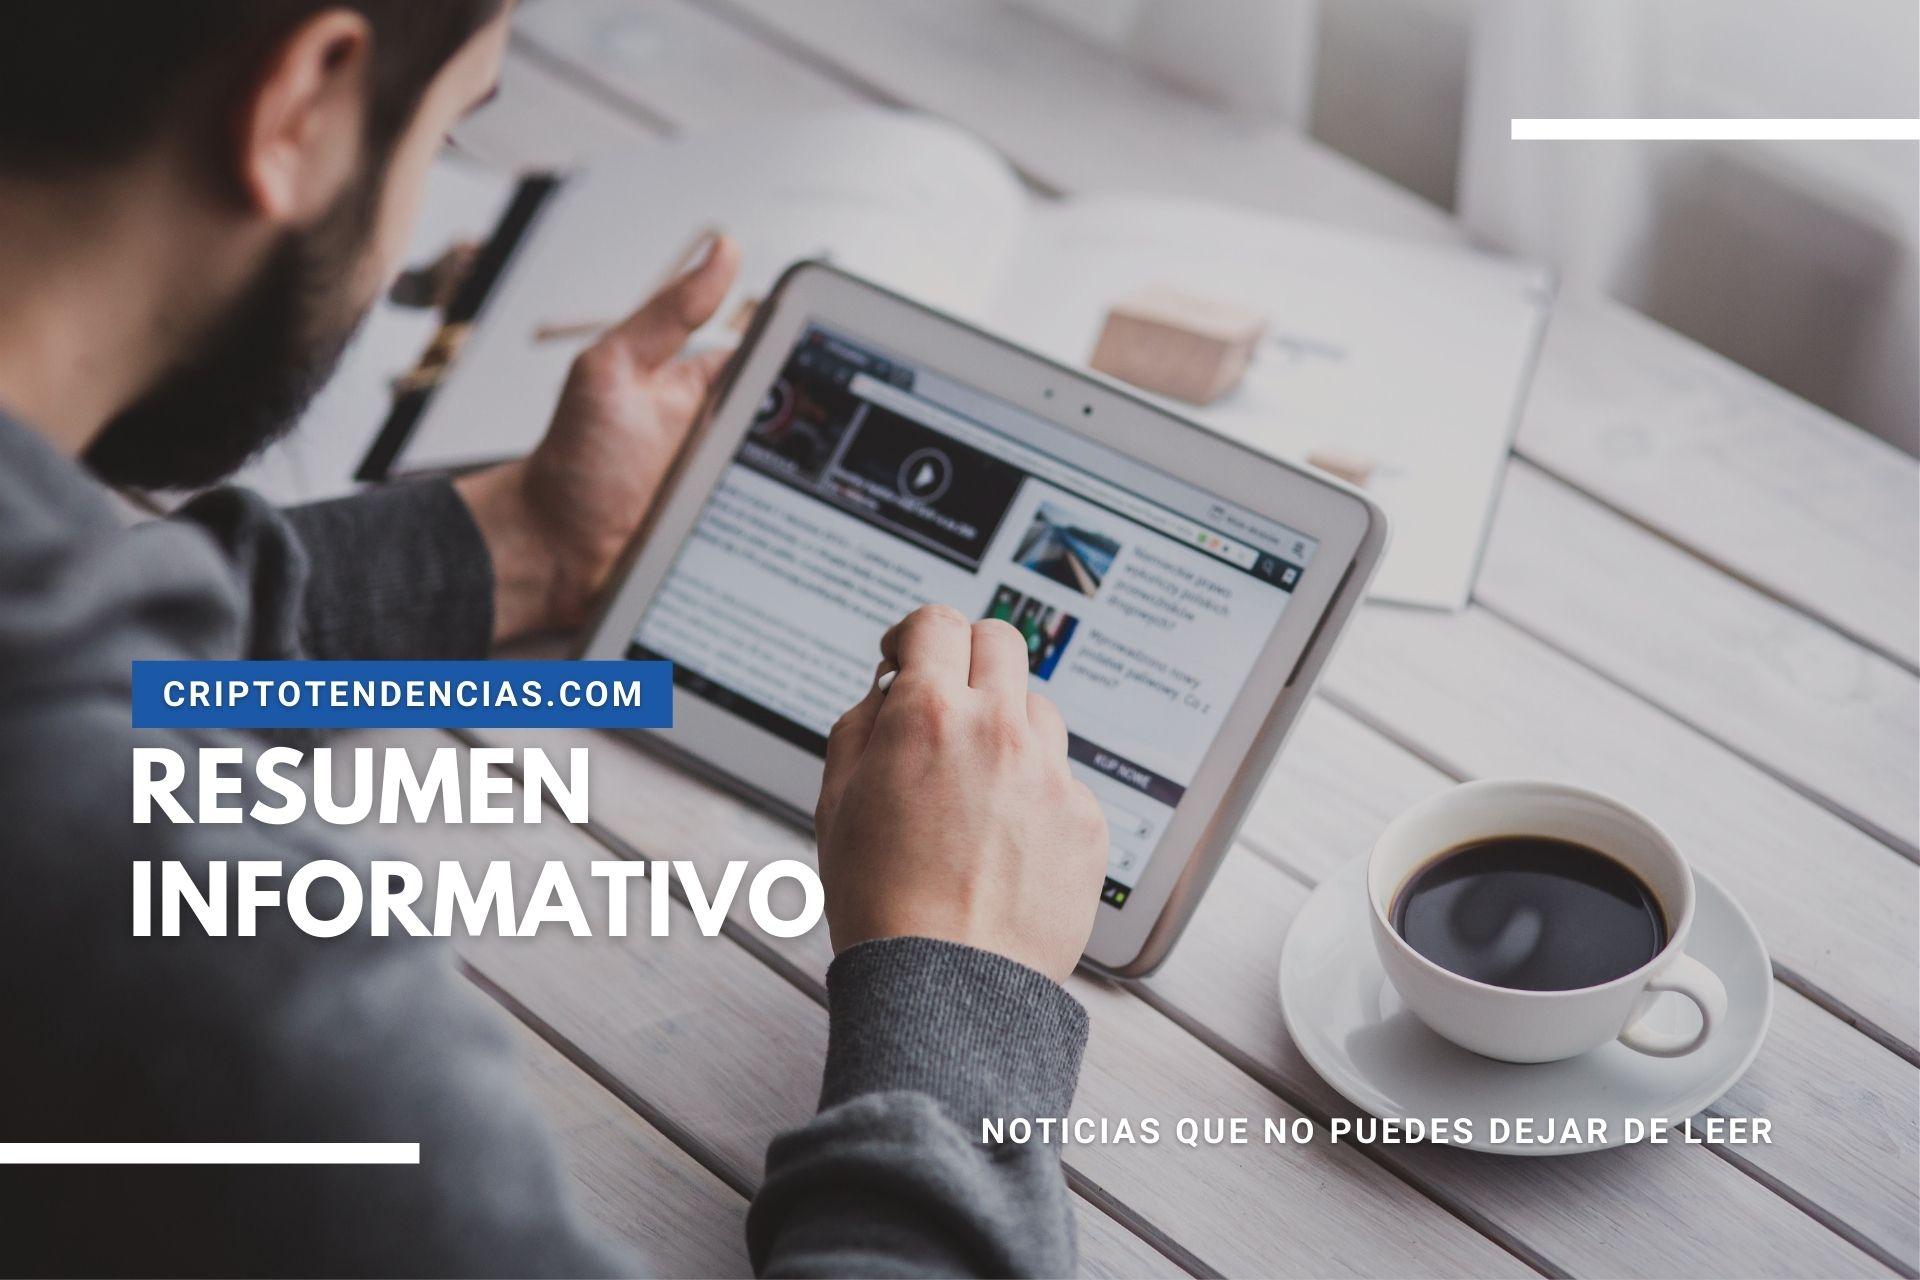 Proyectos de ley vinculados a criptomonedas en España y Uruguay, Saudi Aramco niega actividades de minería de Bitcoin, lanzan primeros fondos de Uniswap y Aave, NFT